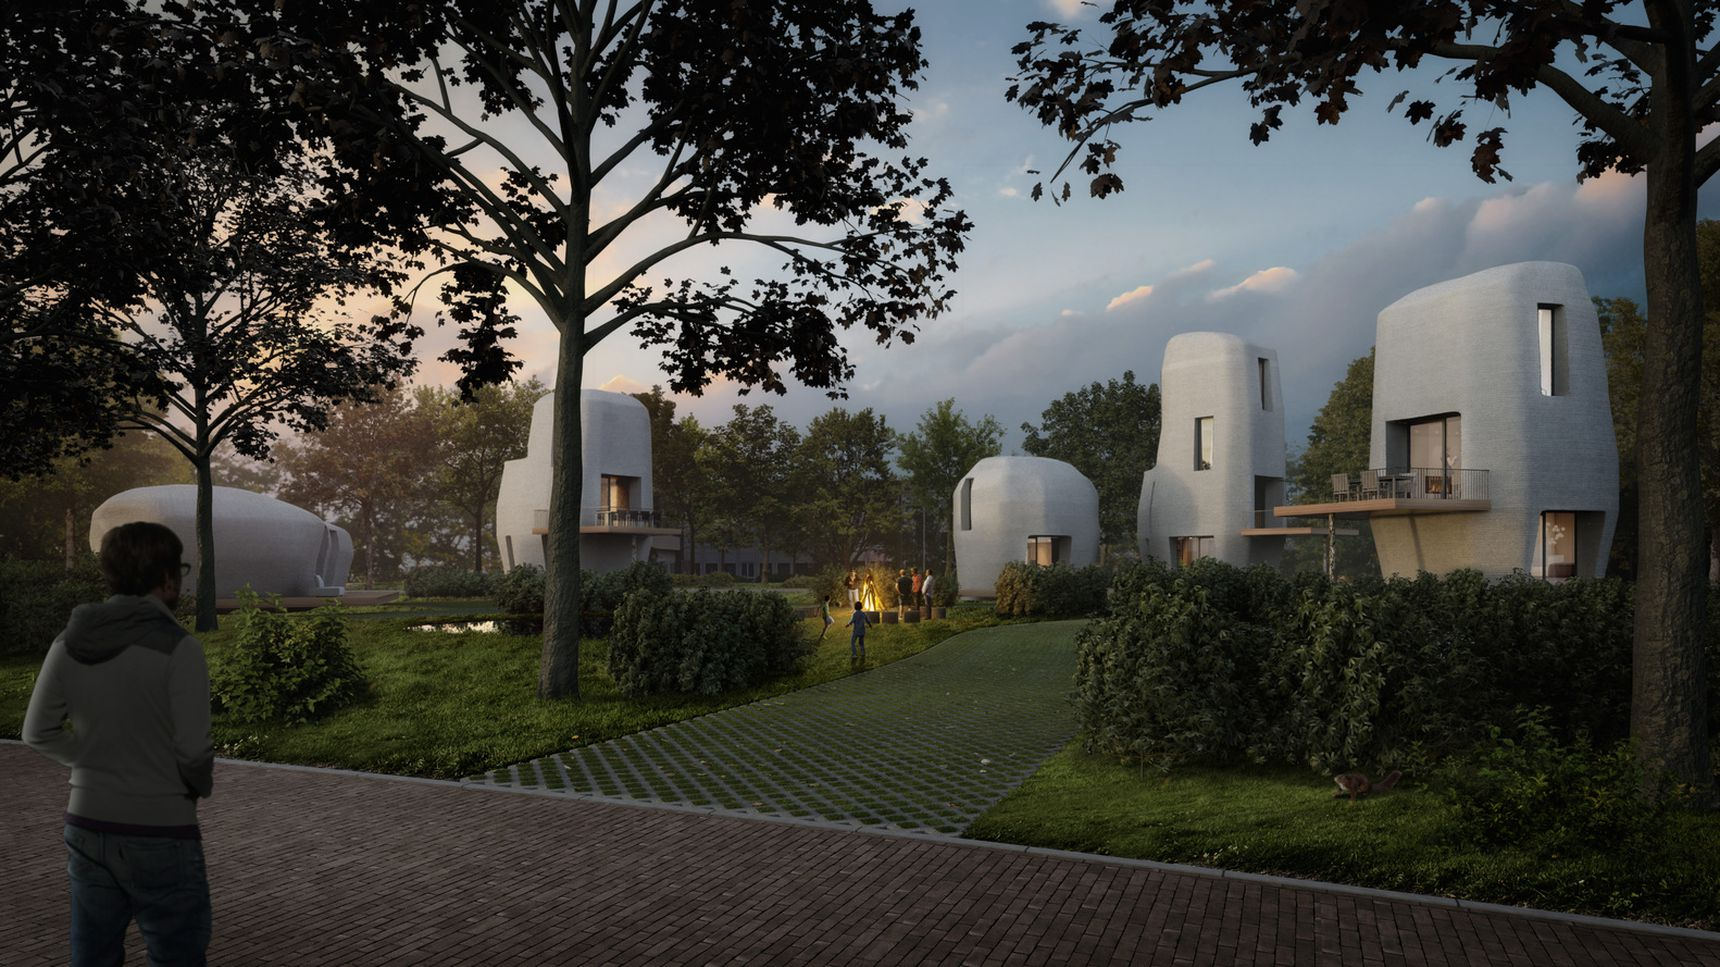 Project Milestone: fünf 3D-gedruckte Beton-Häuser für Eindhoven ...